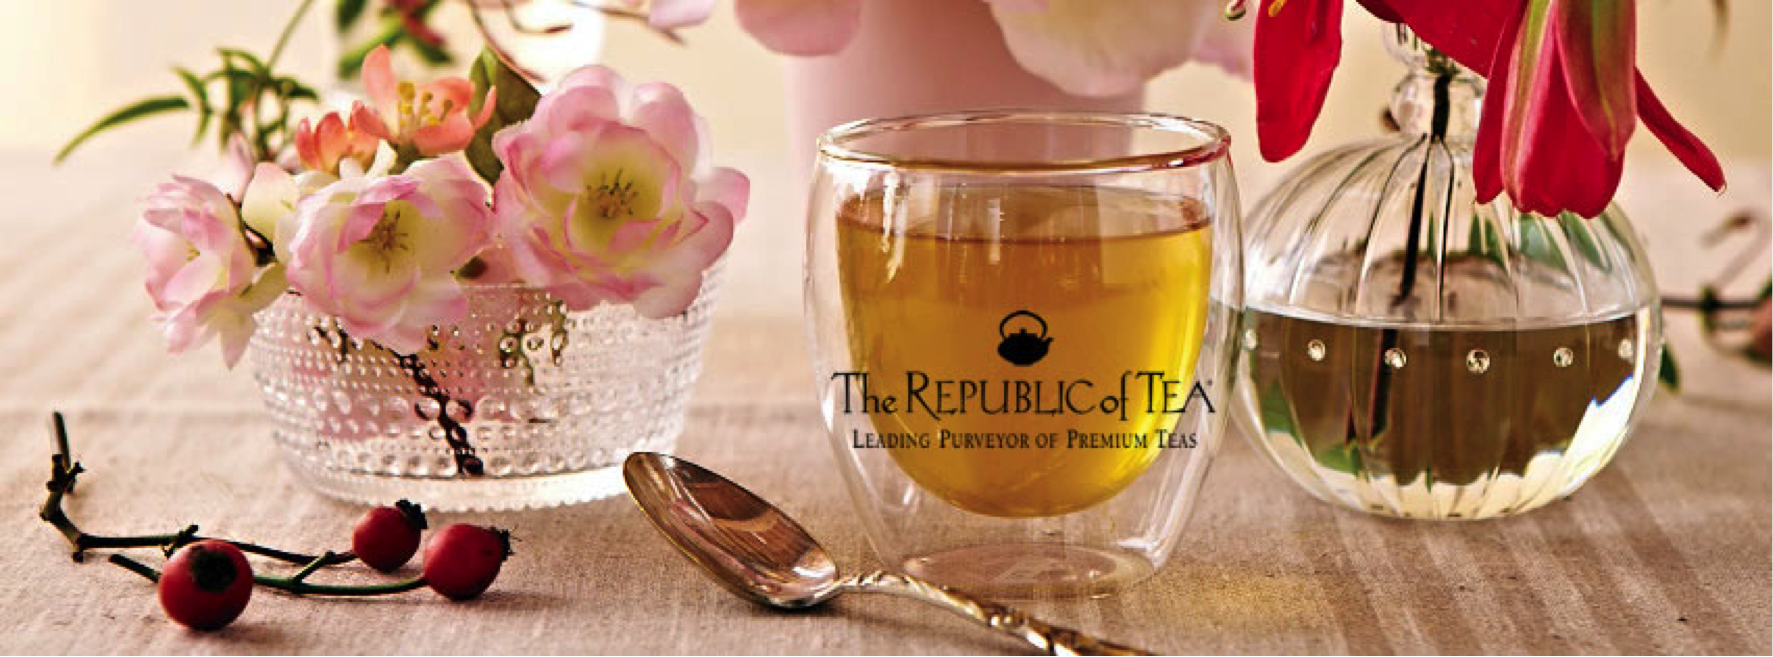 republic-of-tea